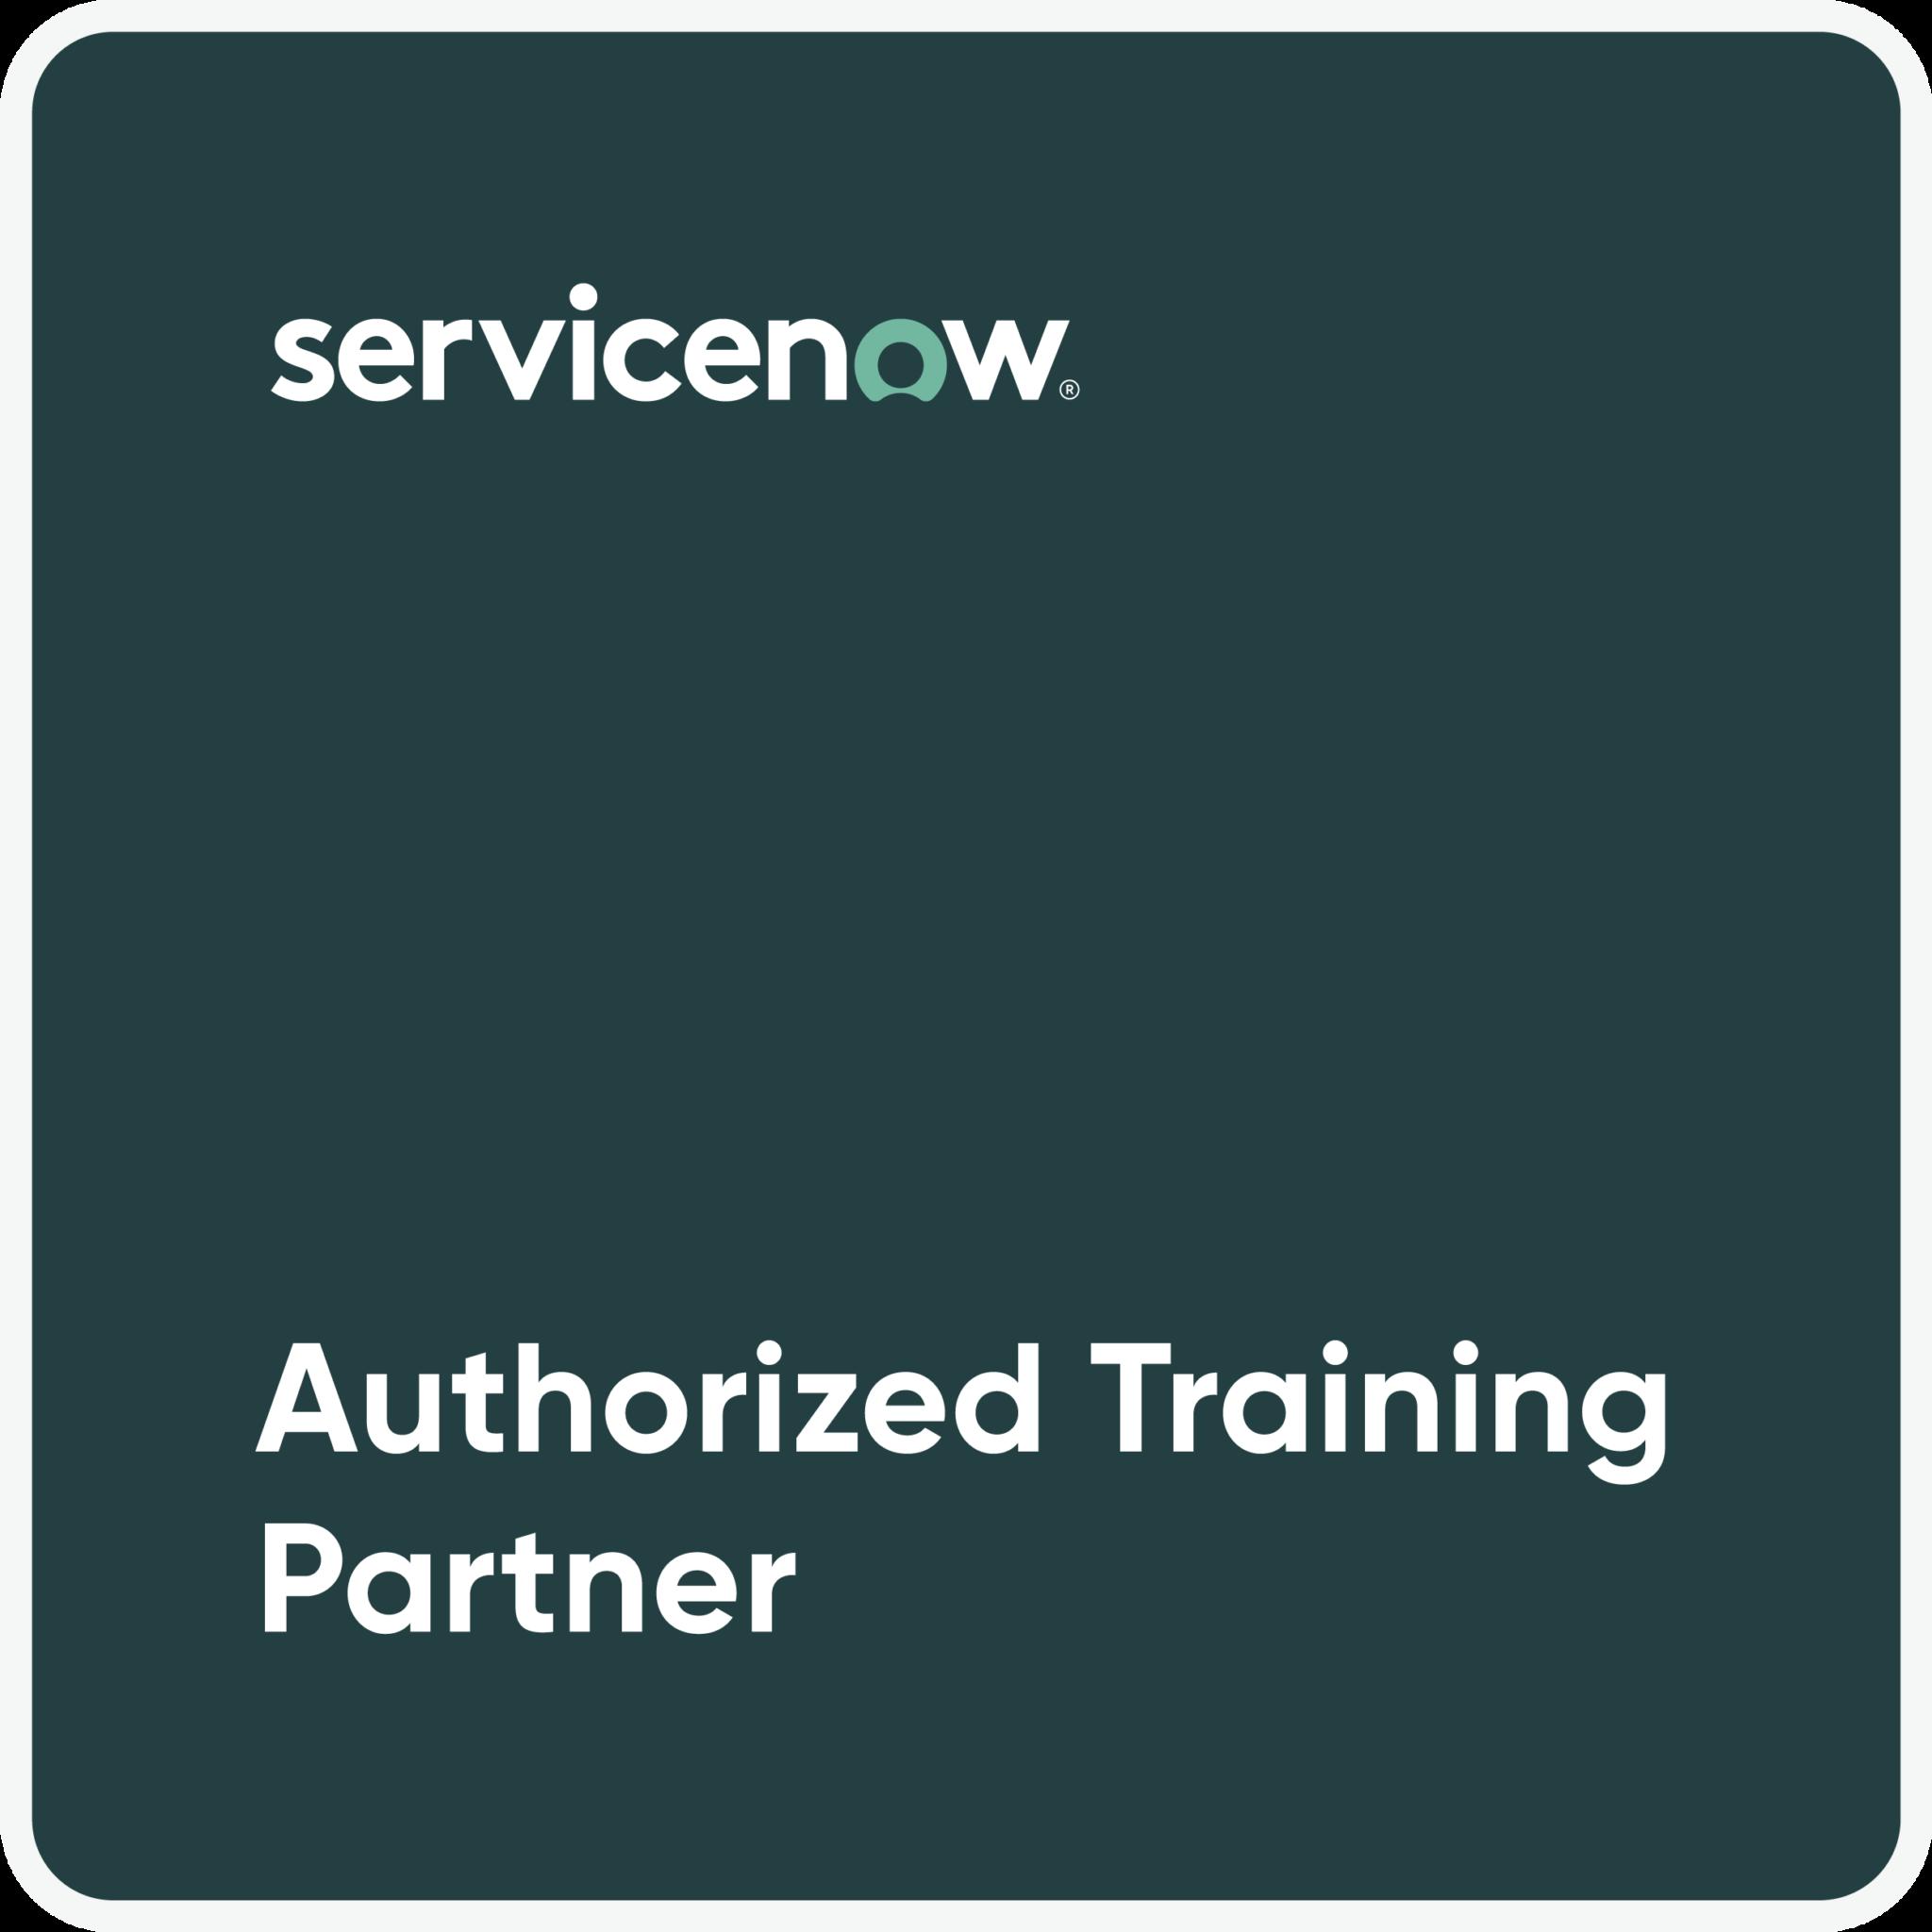 ServiceNow Authorized Training Partner